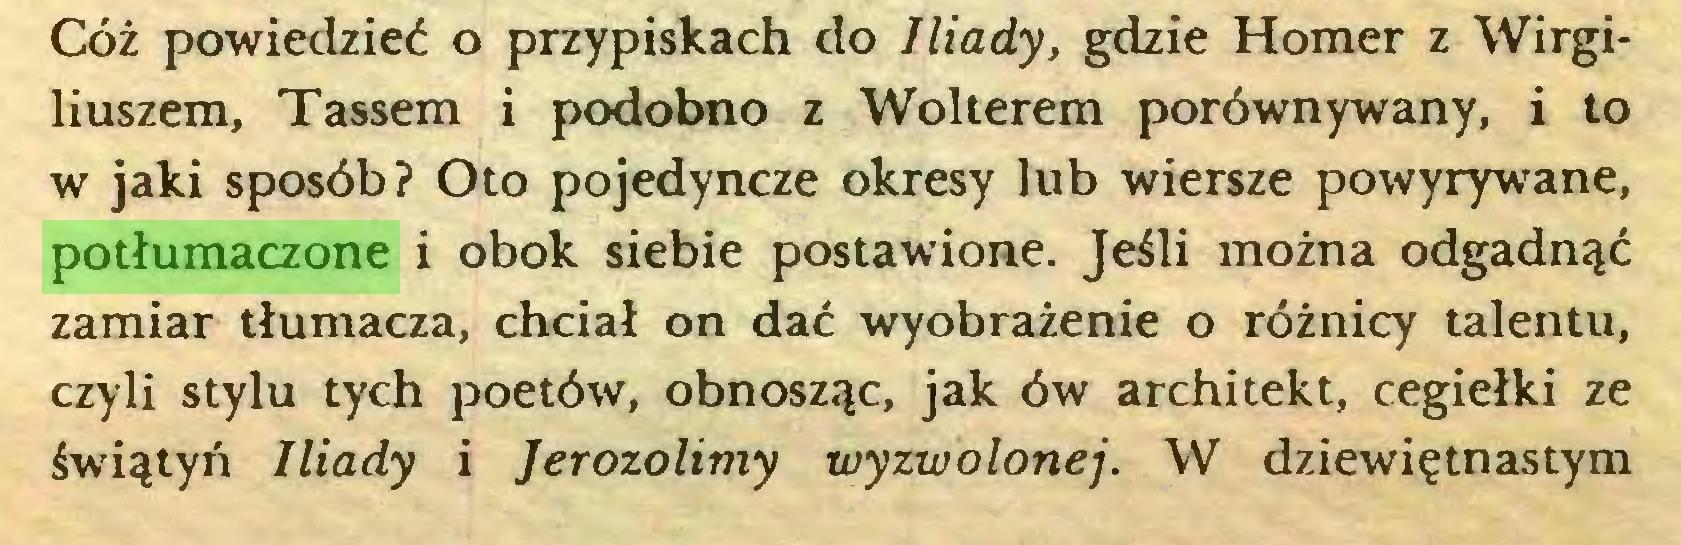 (...) Cóż powiedzieć o przypiskach do Iliady, gdzie Homer z Wirgiliuszem, Tassem i podobno z Wolterem porównywany, i to w jaki sposób? Oto pojedyncze okresy lub wiersze powyrywane, potłumaczone i obok siebie postawione. Jeśli można odgadnąć zamiar tłumacza, chciał on dać wyobrażenie o różnicy talentu, czyli stylu tych poetów, obnosząc, jak ów architekt, cegiełki ze świątyń Iliady i Jerozolimy wyzwolonej. W dziewiętnastym...